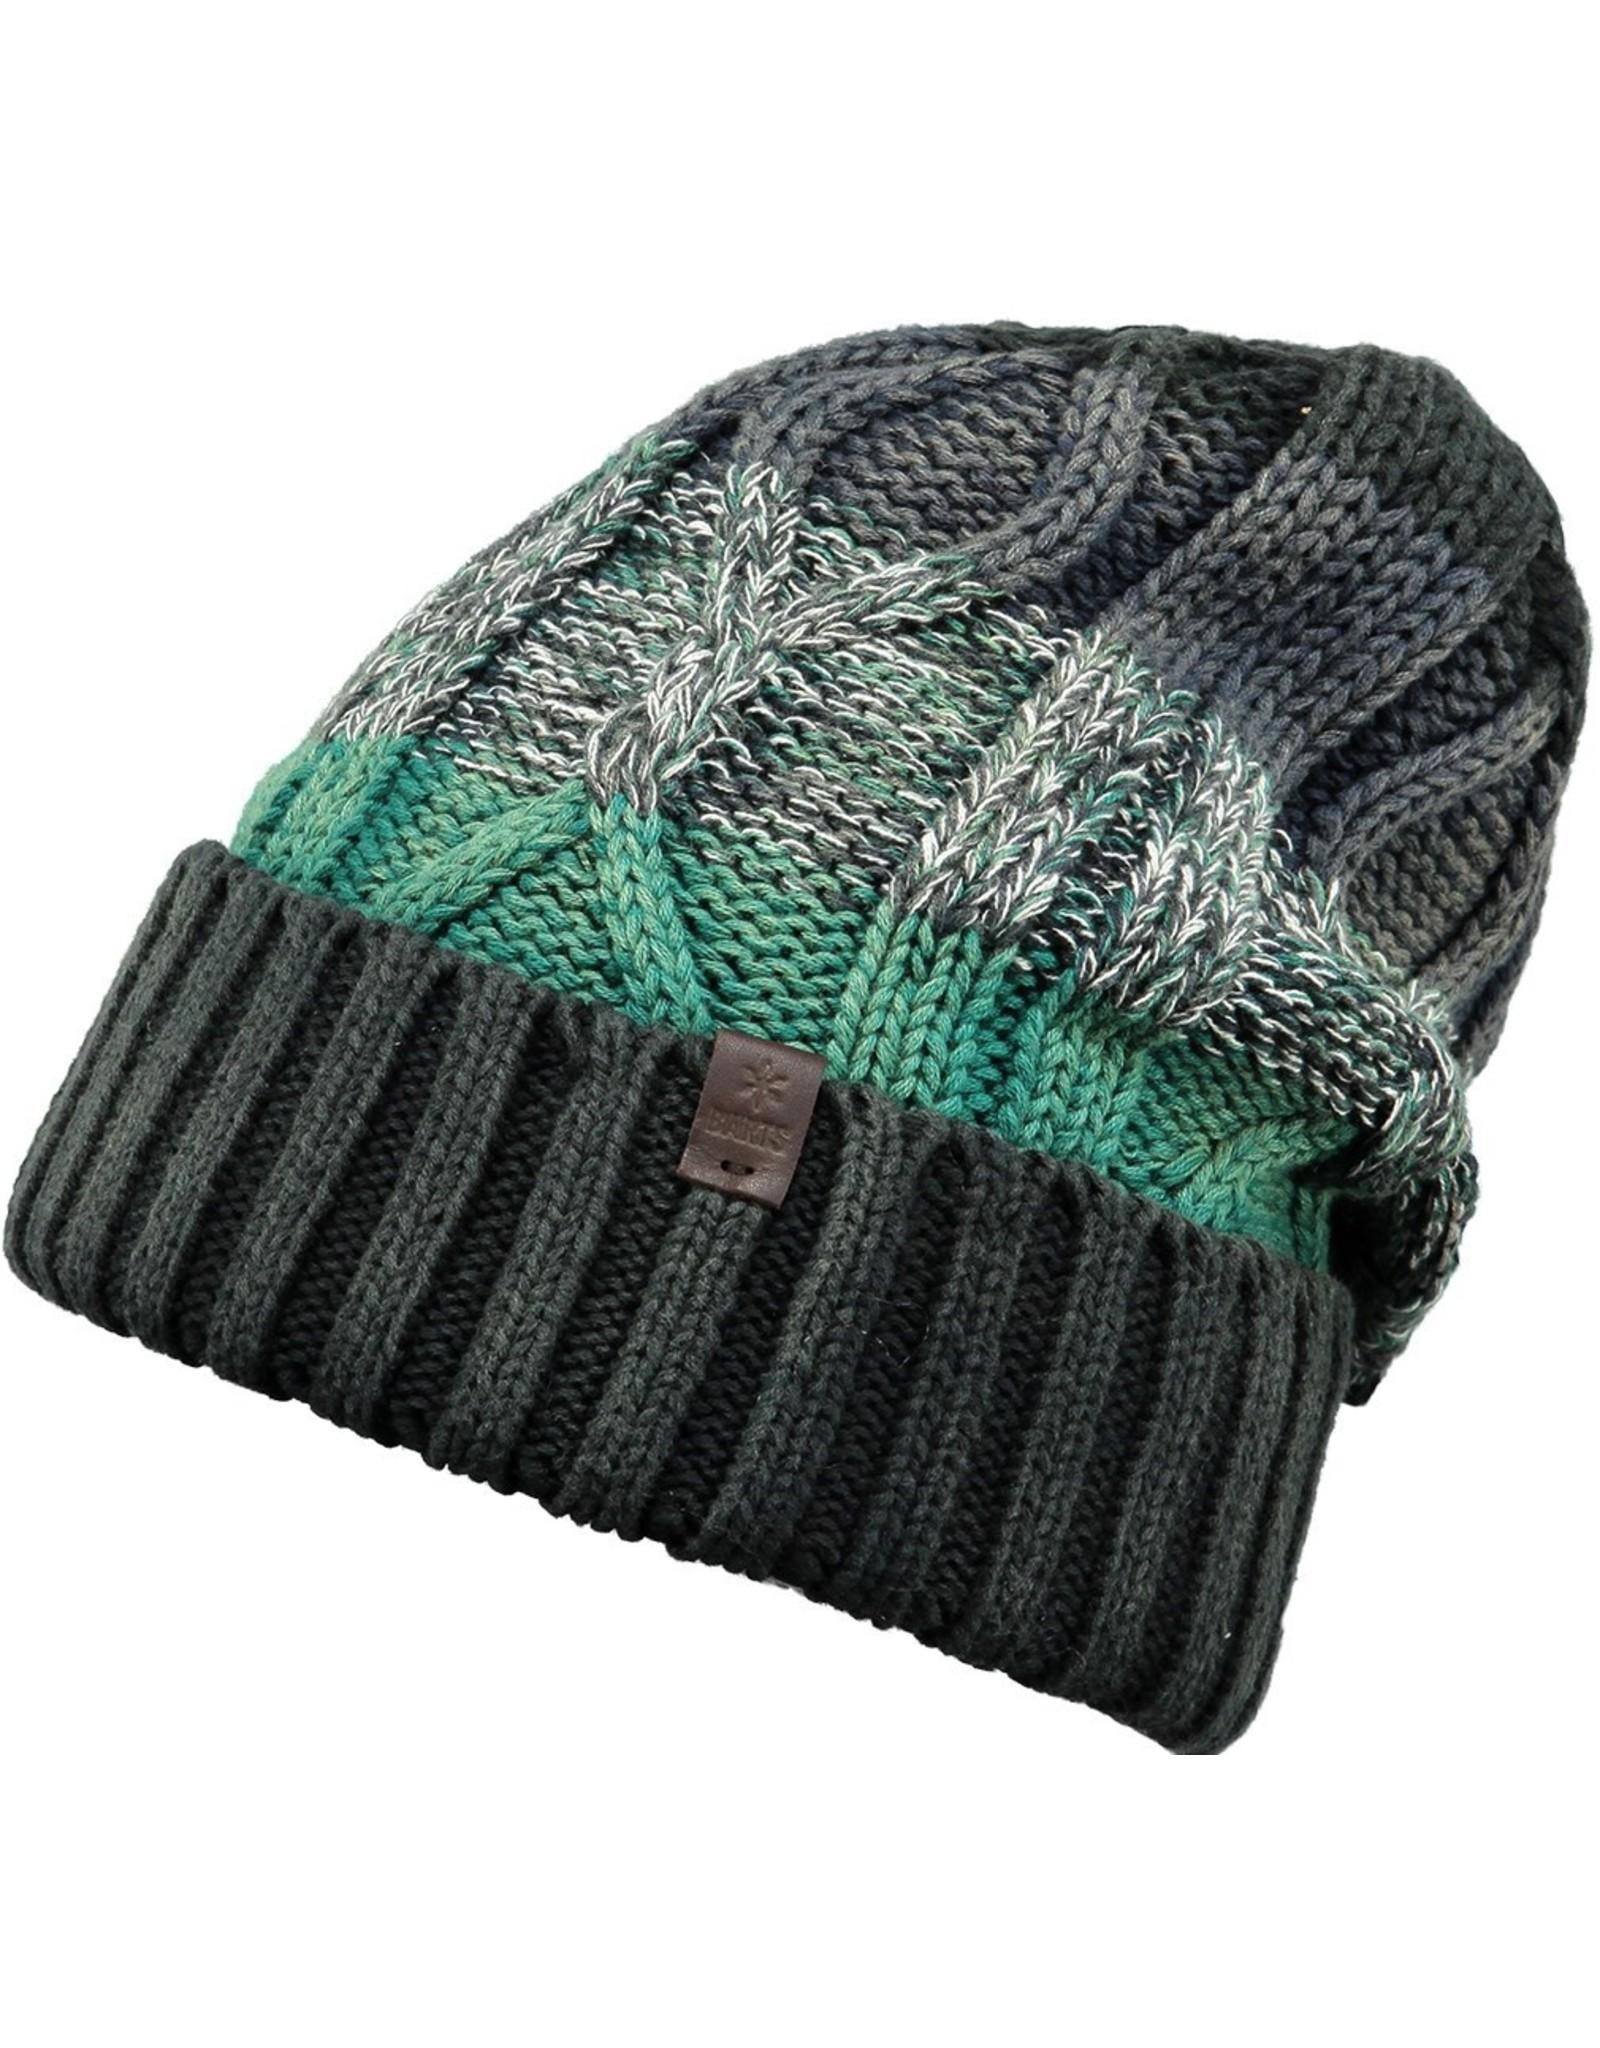 Barts Barts muts kabel zwart, lichtblauw, groen